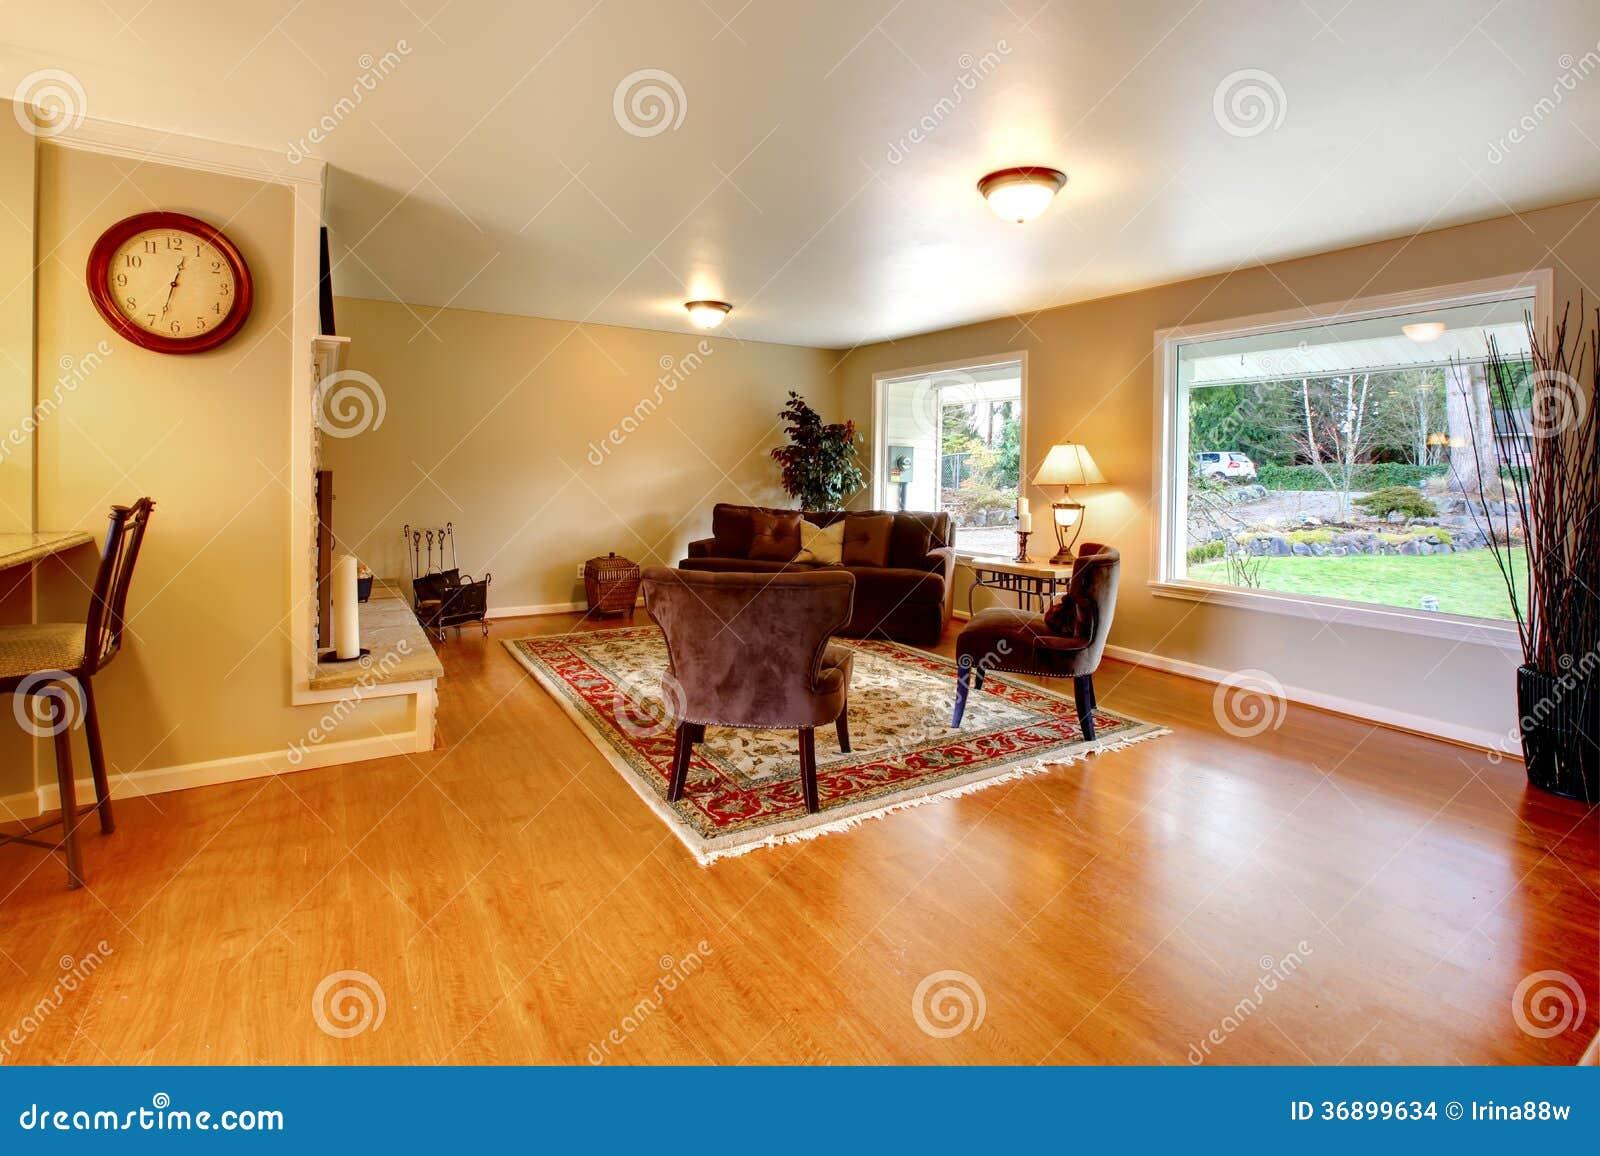 Download Elegante Warme Farbe Versorgte Wohnzimmer Mit Breiten Fenstern  Stockfoto   Bild Von Dekor, Architektur